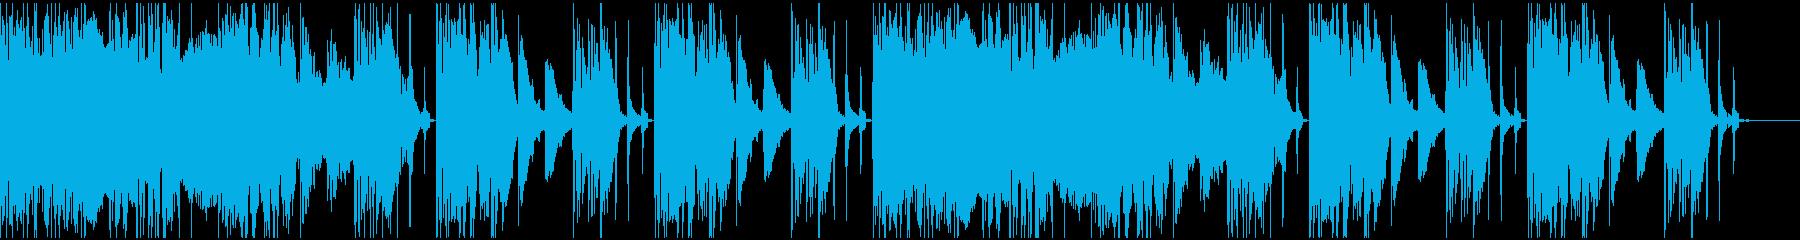 【エレクトロニカ】ロング4、ジングル2の再生済みの波形